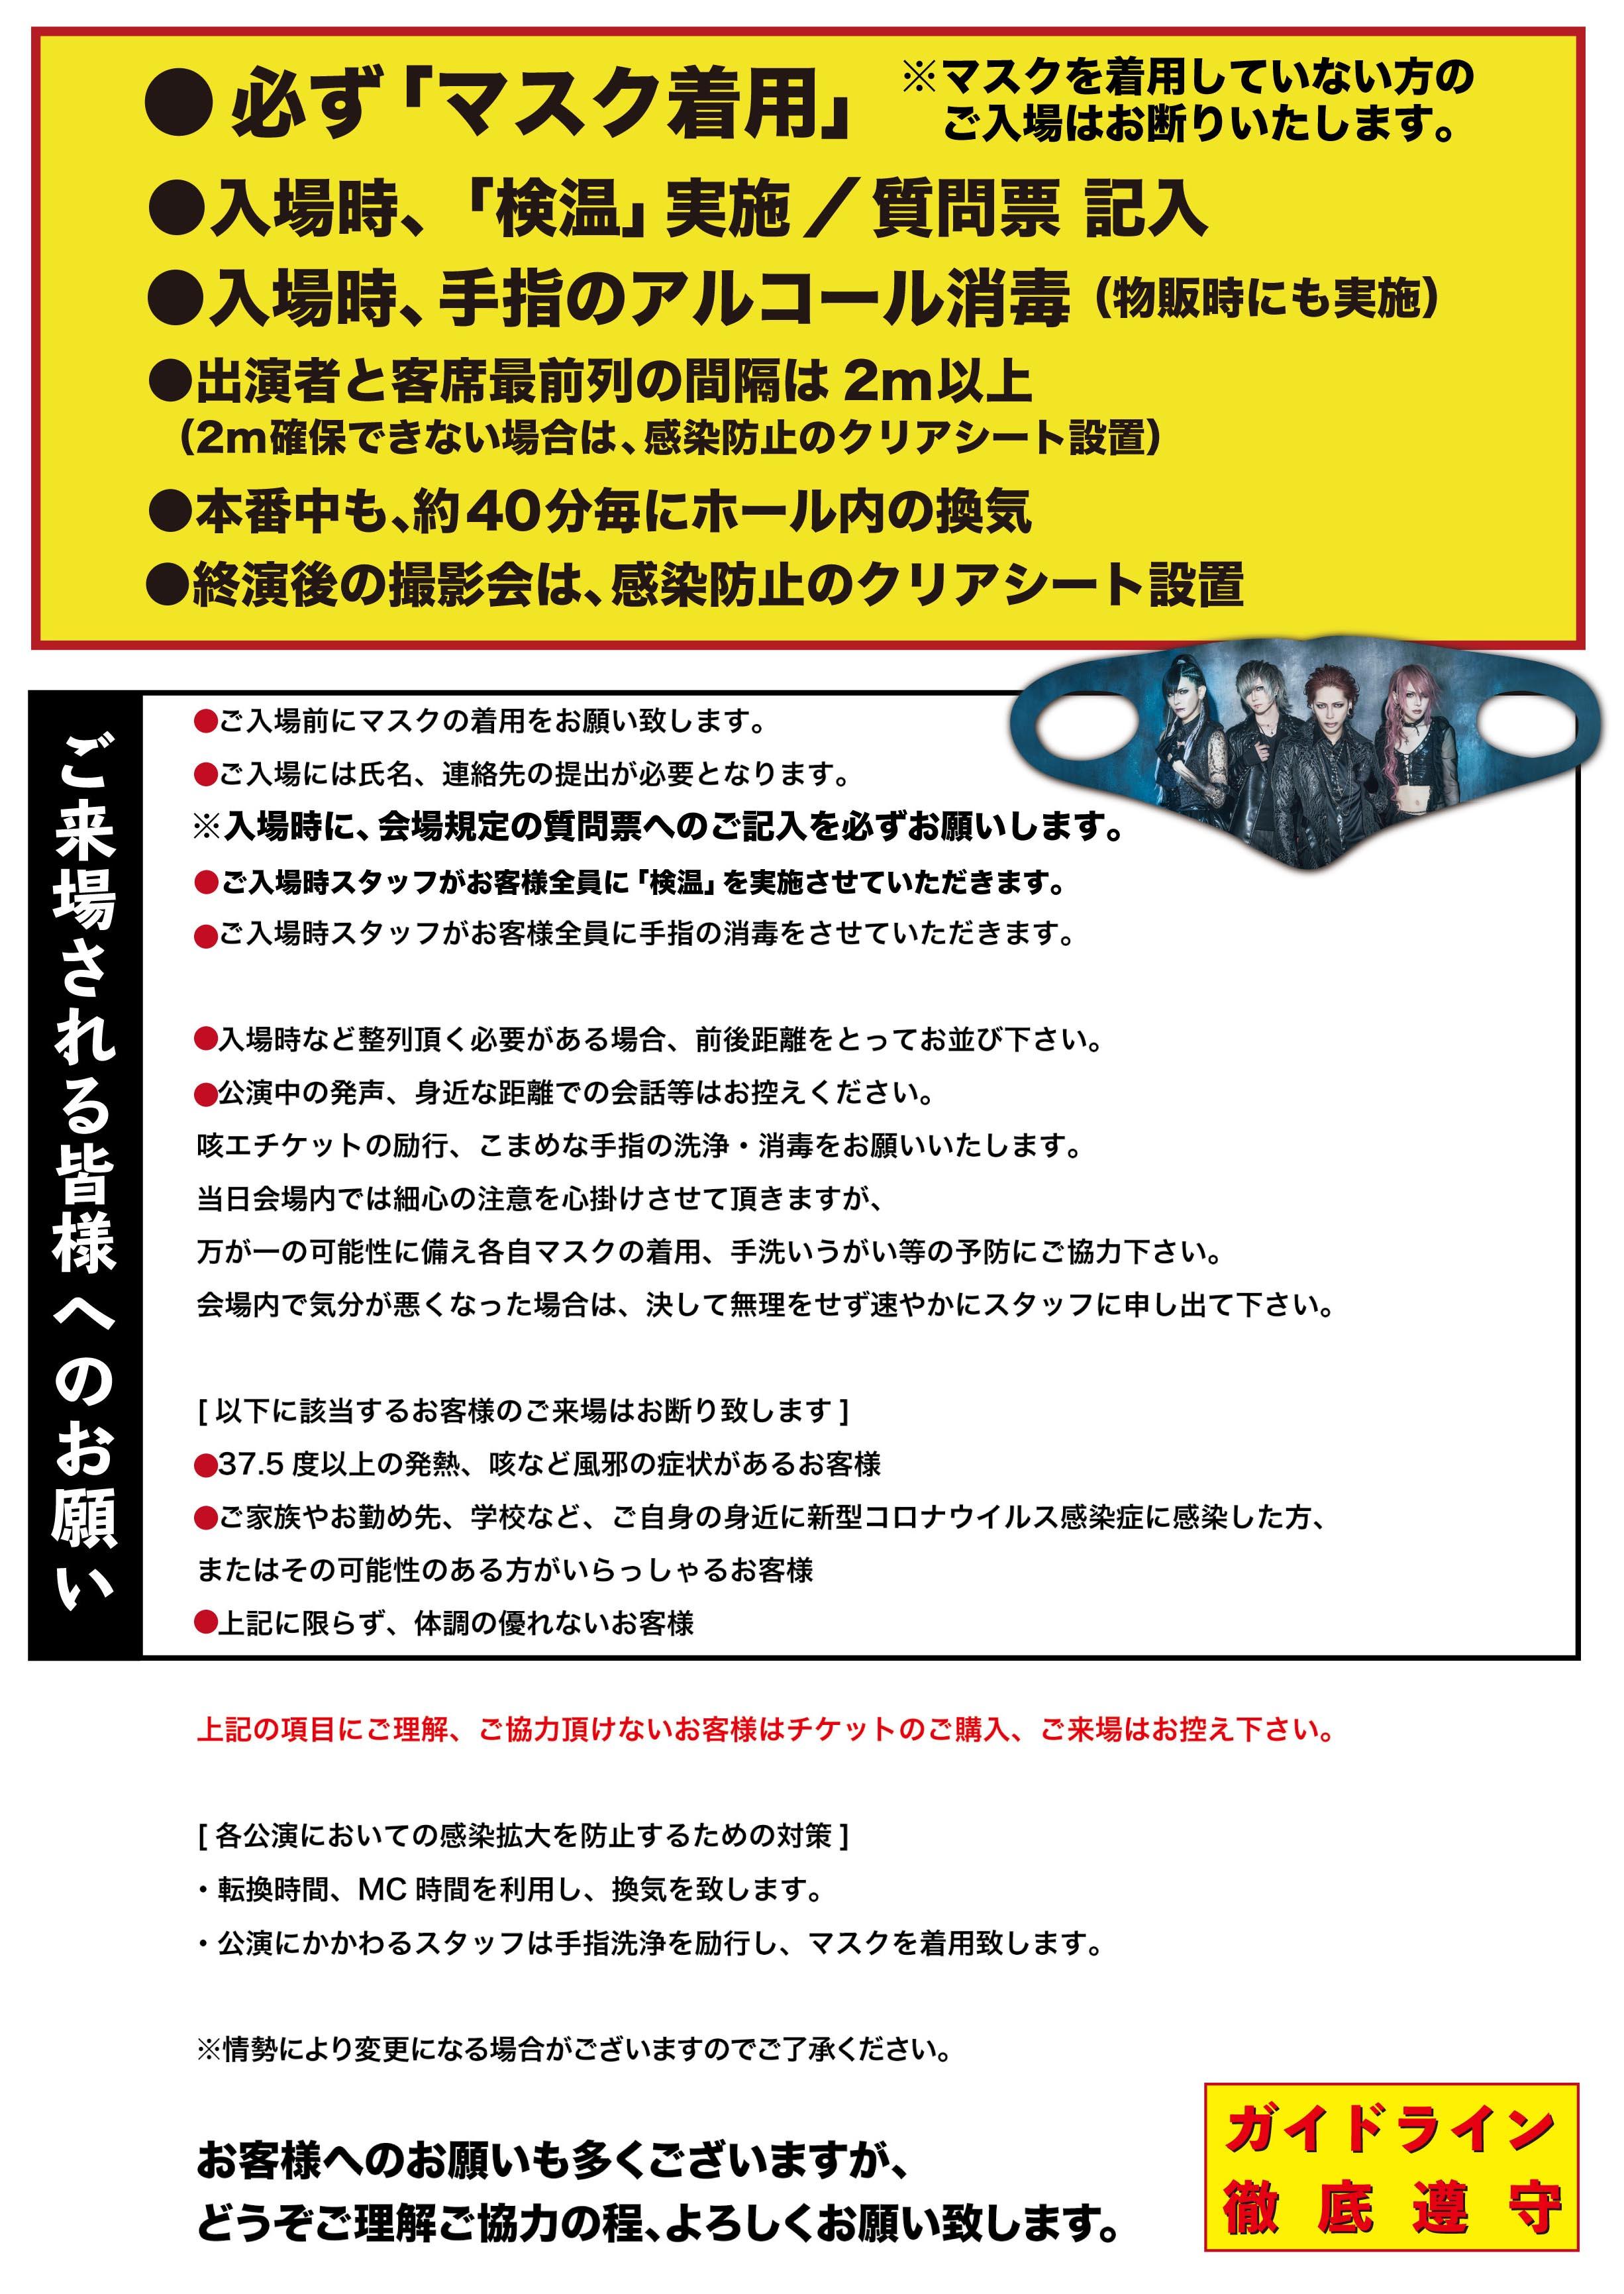 福岡●graf(ワンマン)